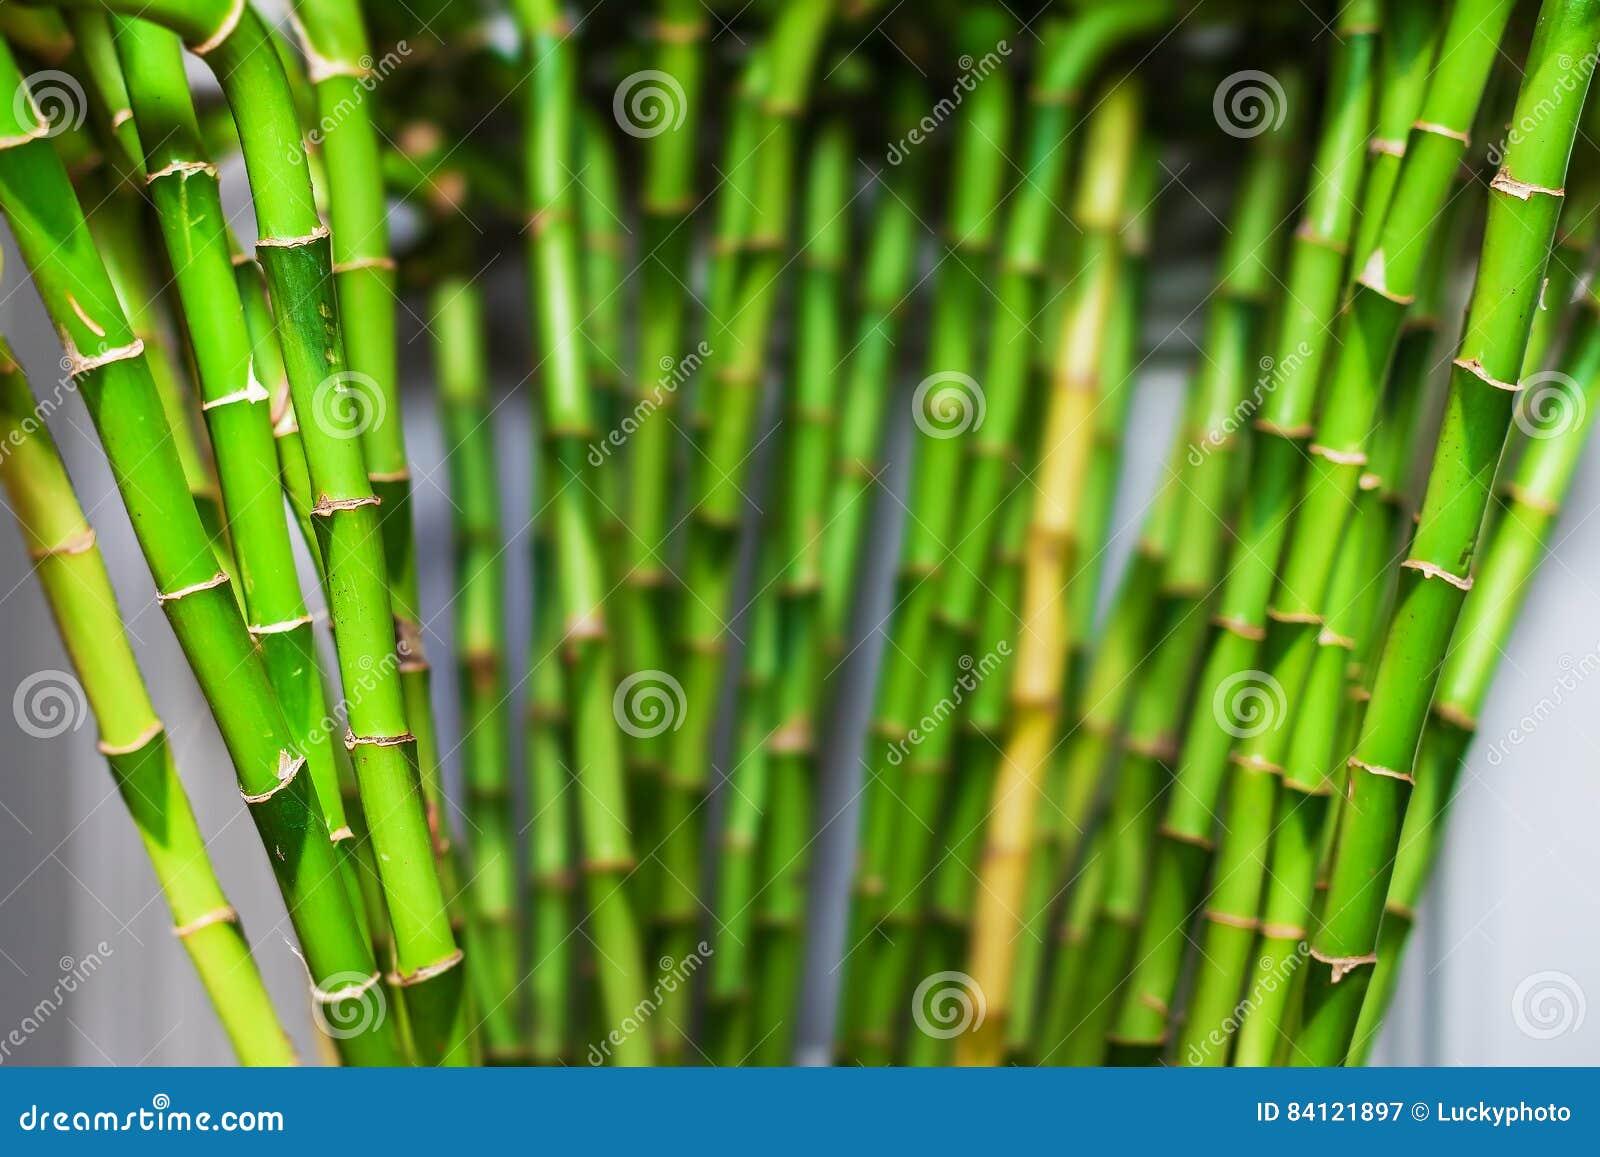 Caa Bambu Decoracion Simple Cheap Bamb El Material En Boga Para  ~ Cañas De Bambu Verdes Para Decorar